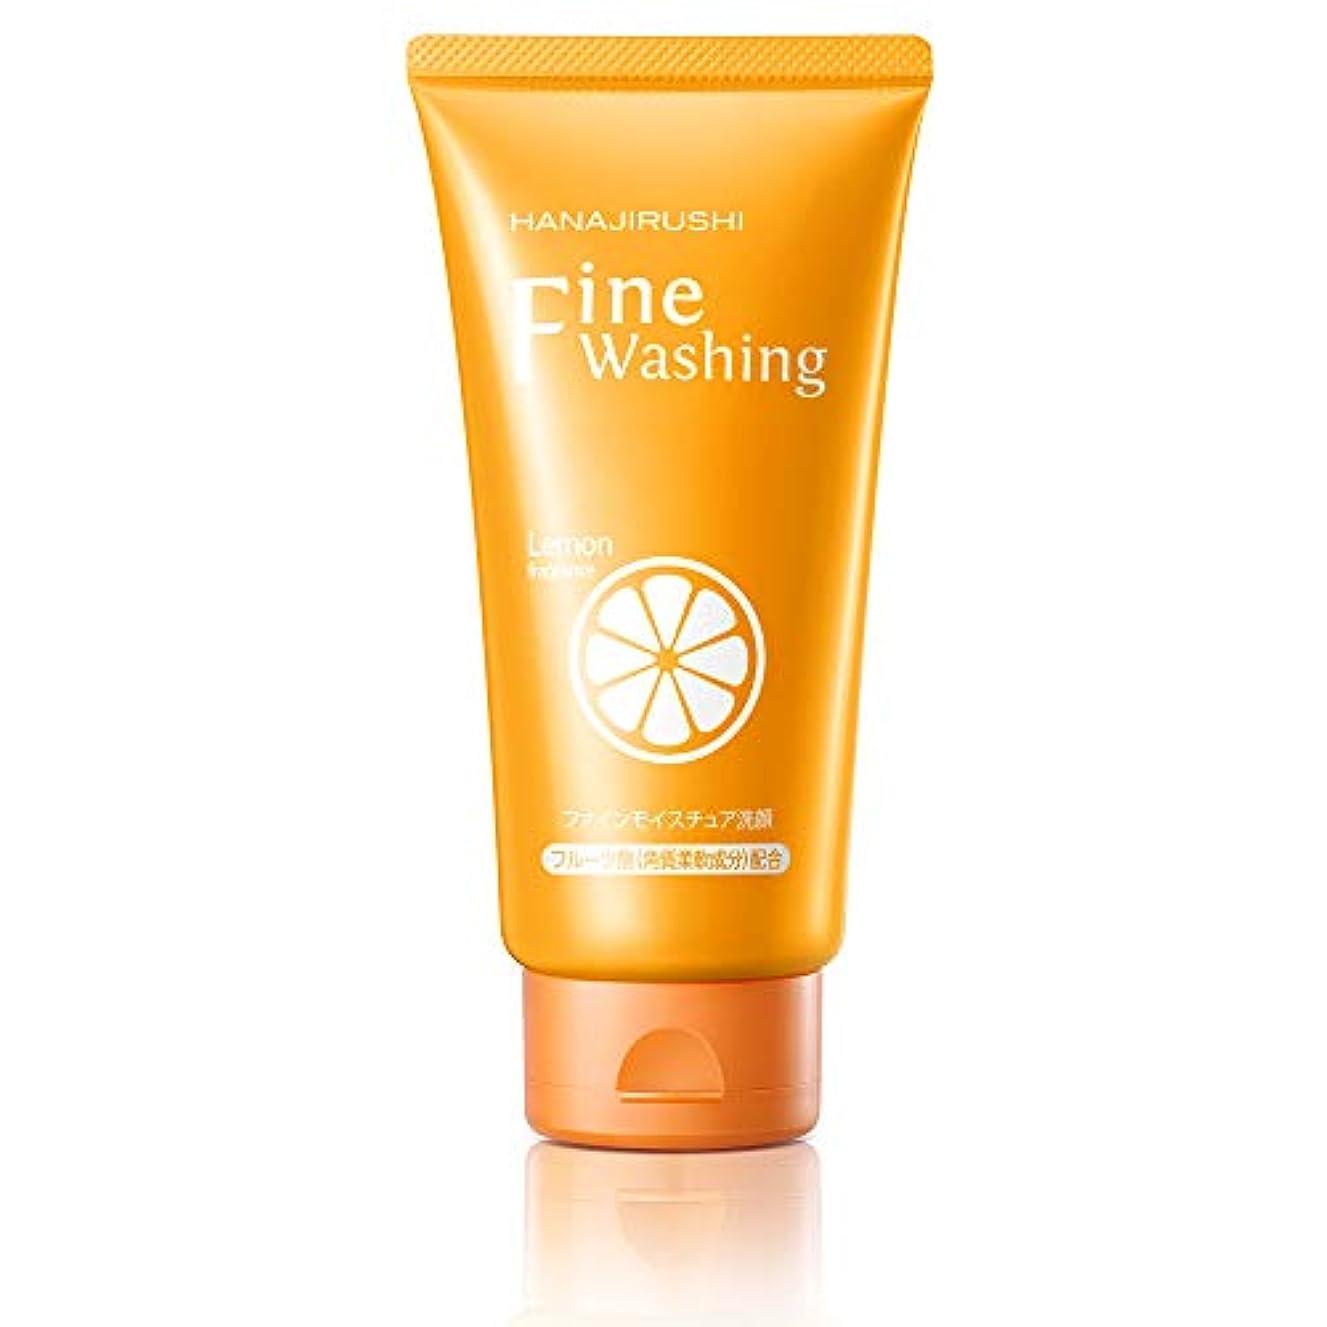 先ワードローブバドミントン花印ビタミンC誘導体配合ホワイト洗顔フォーム120g シミ?くすみ対策